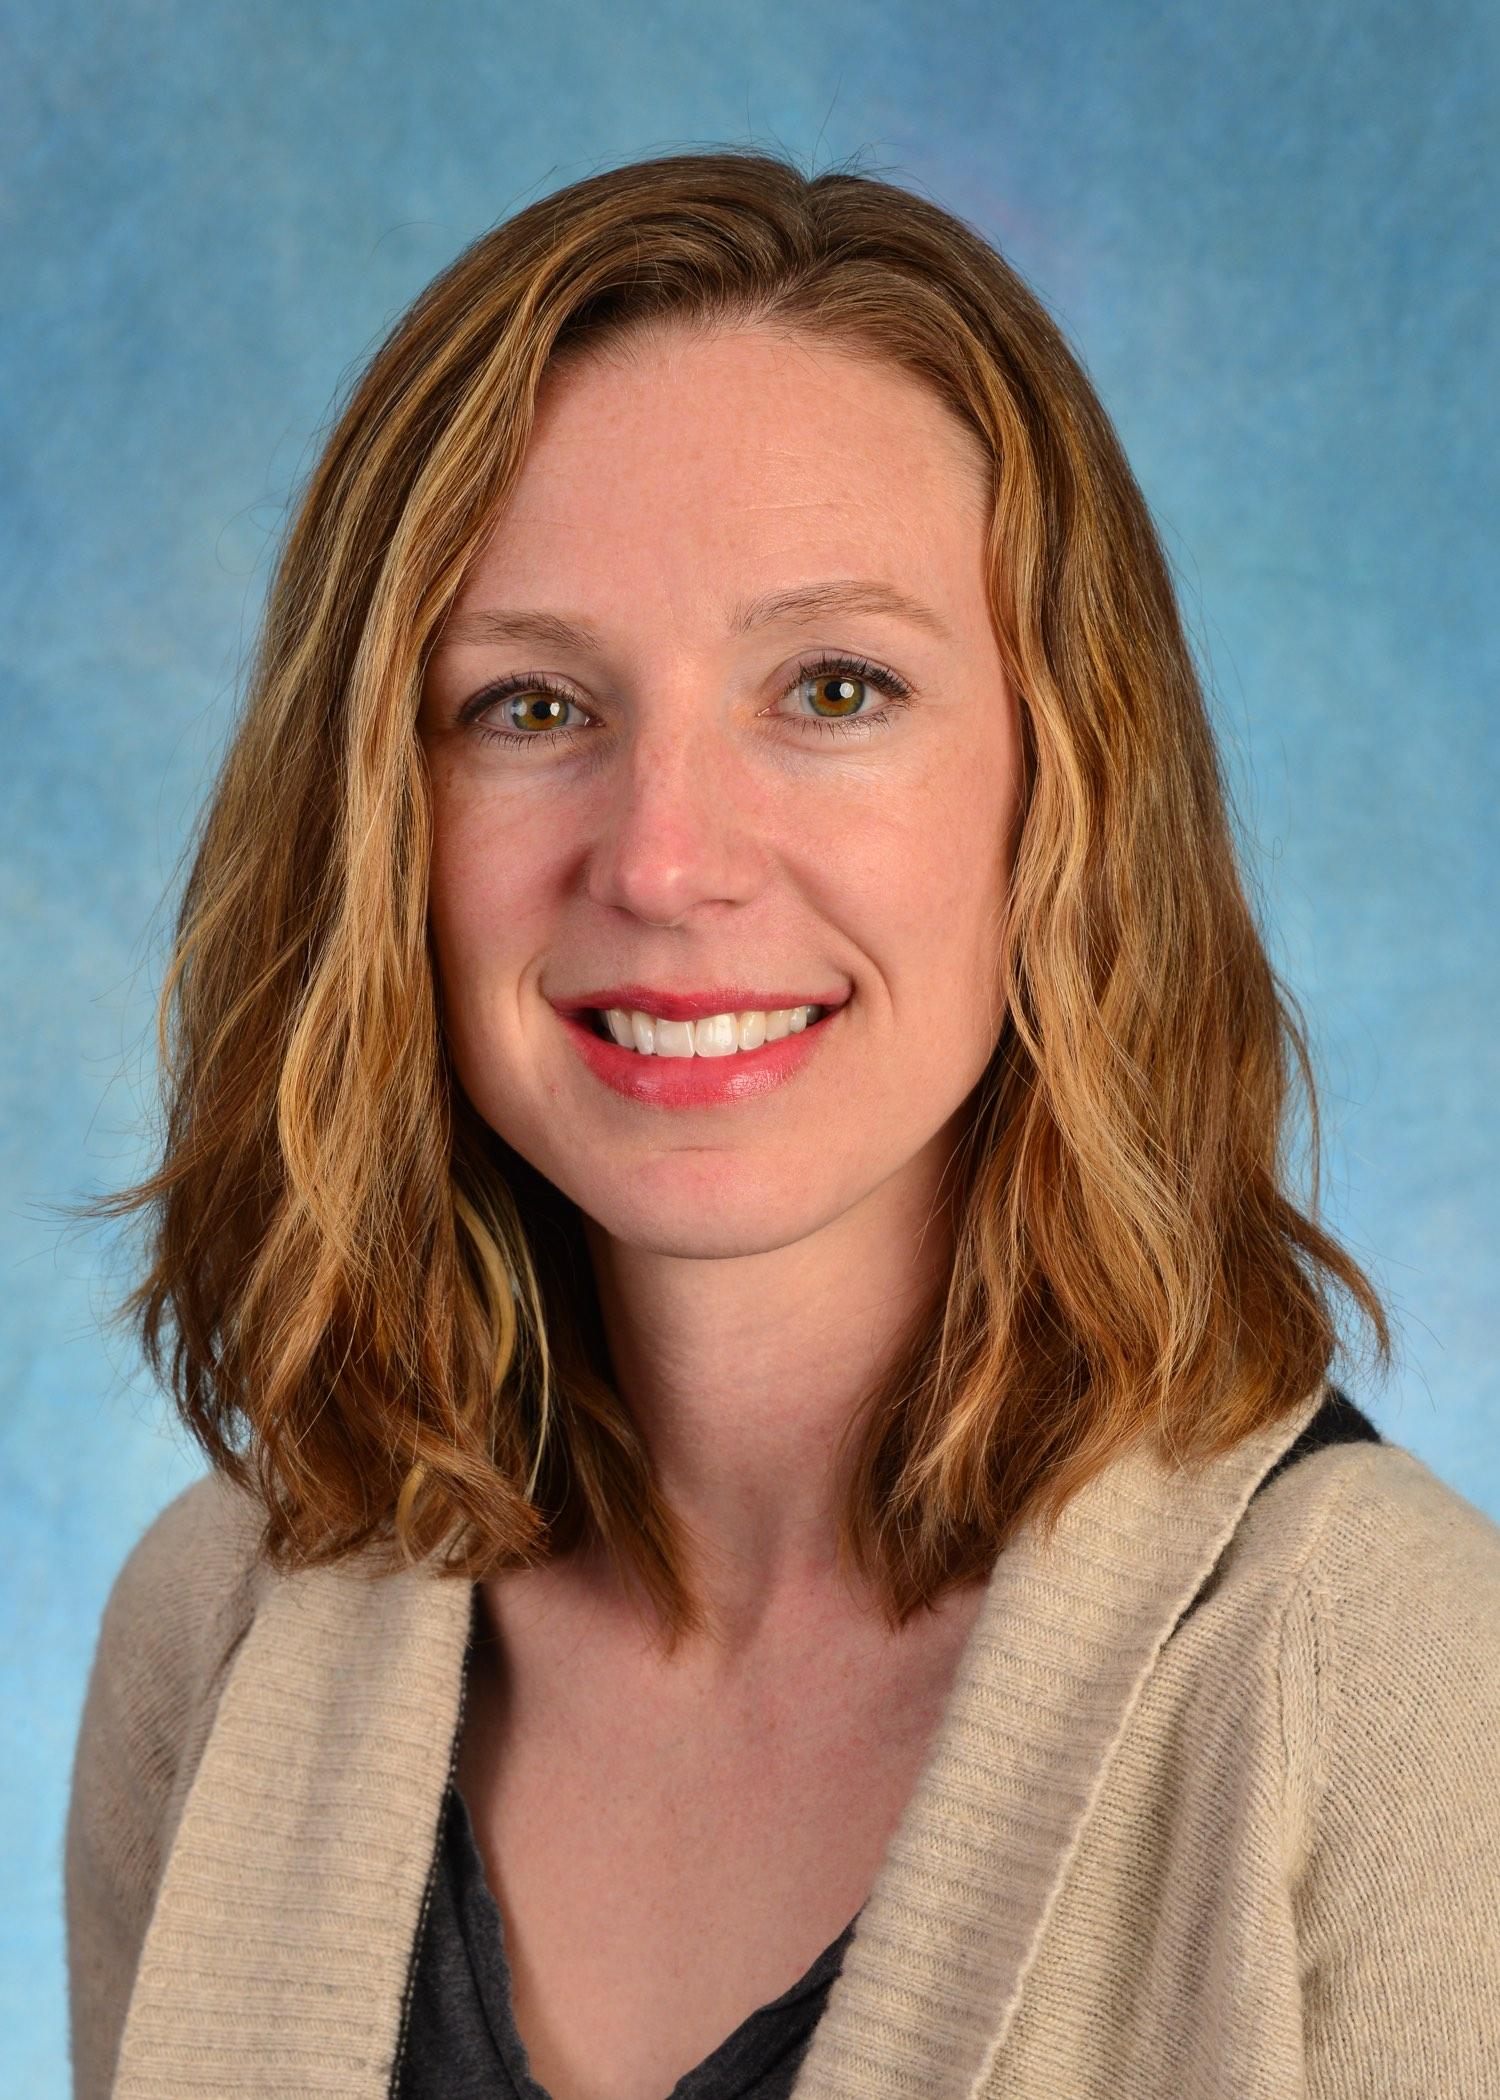 Jill Dowen